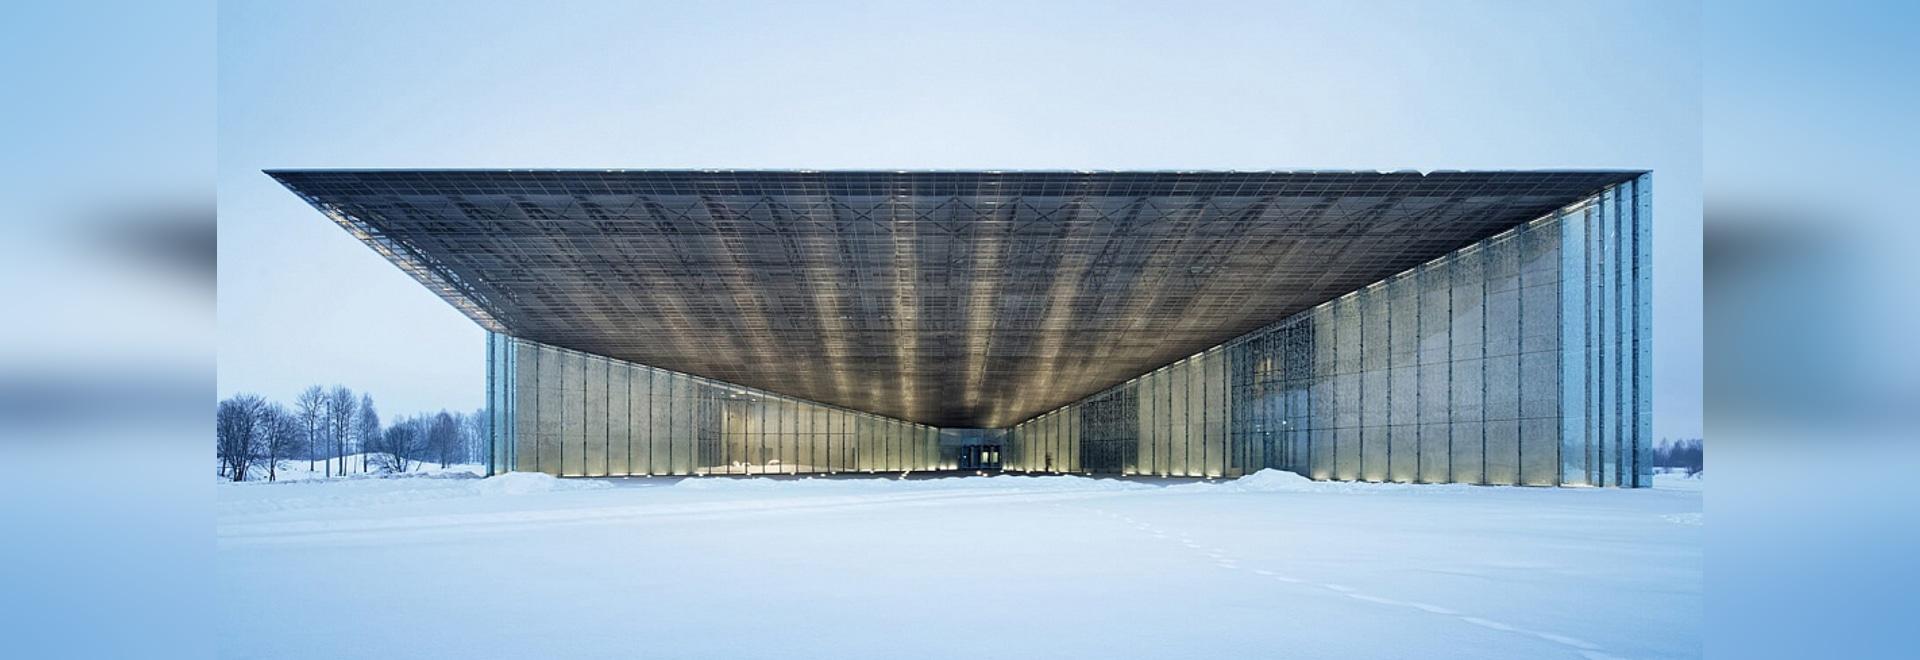 Architect@Work-Architecture comme archéologie de l'avenir